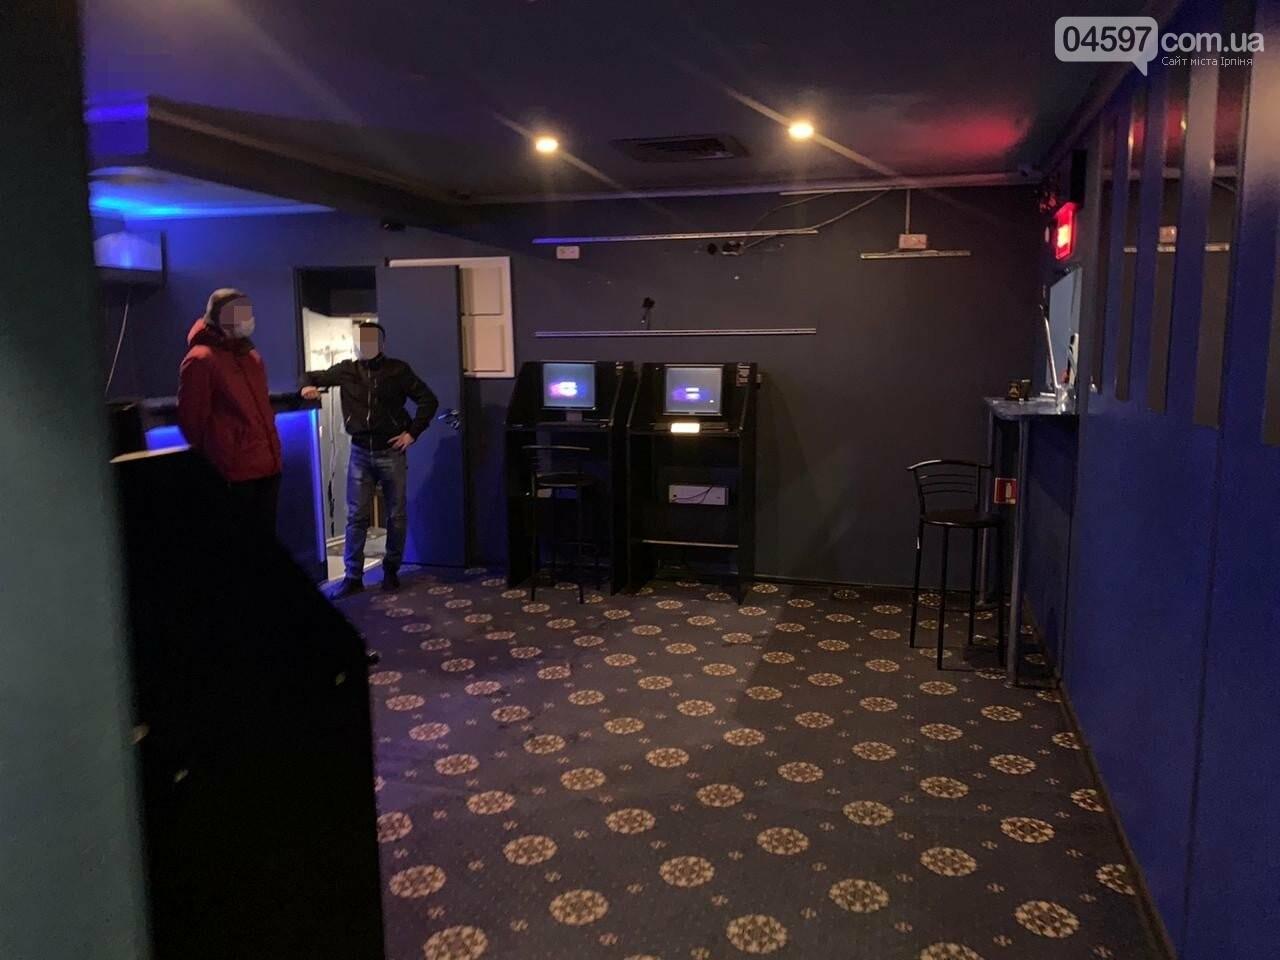 Зачистка казино: в Ірпені та Бучі закрили 4 гральні заклади, фото-1